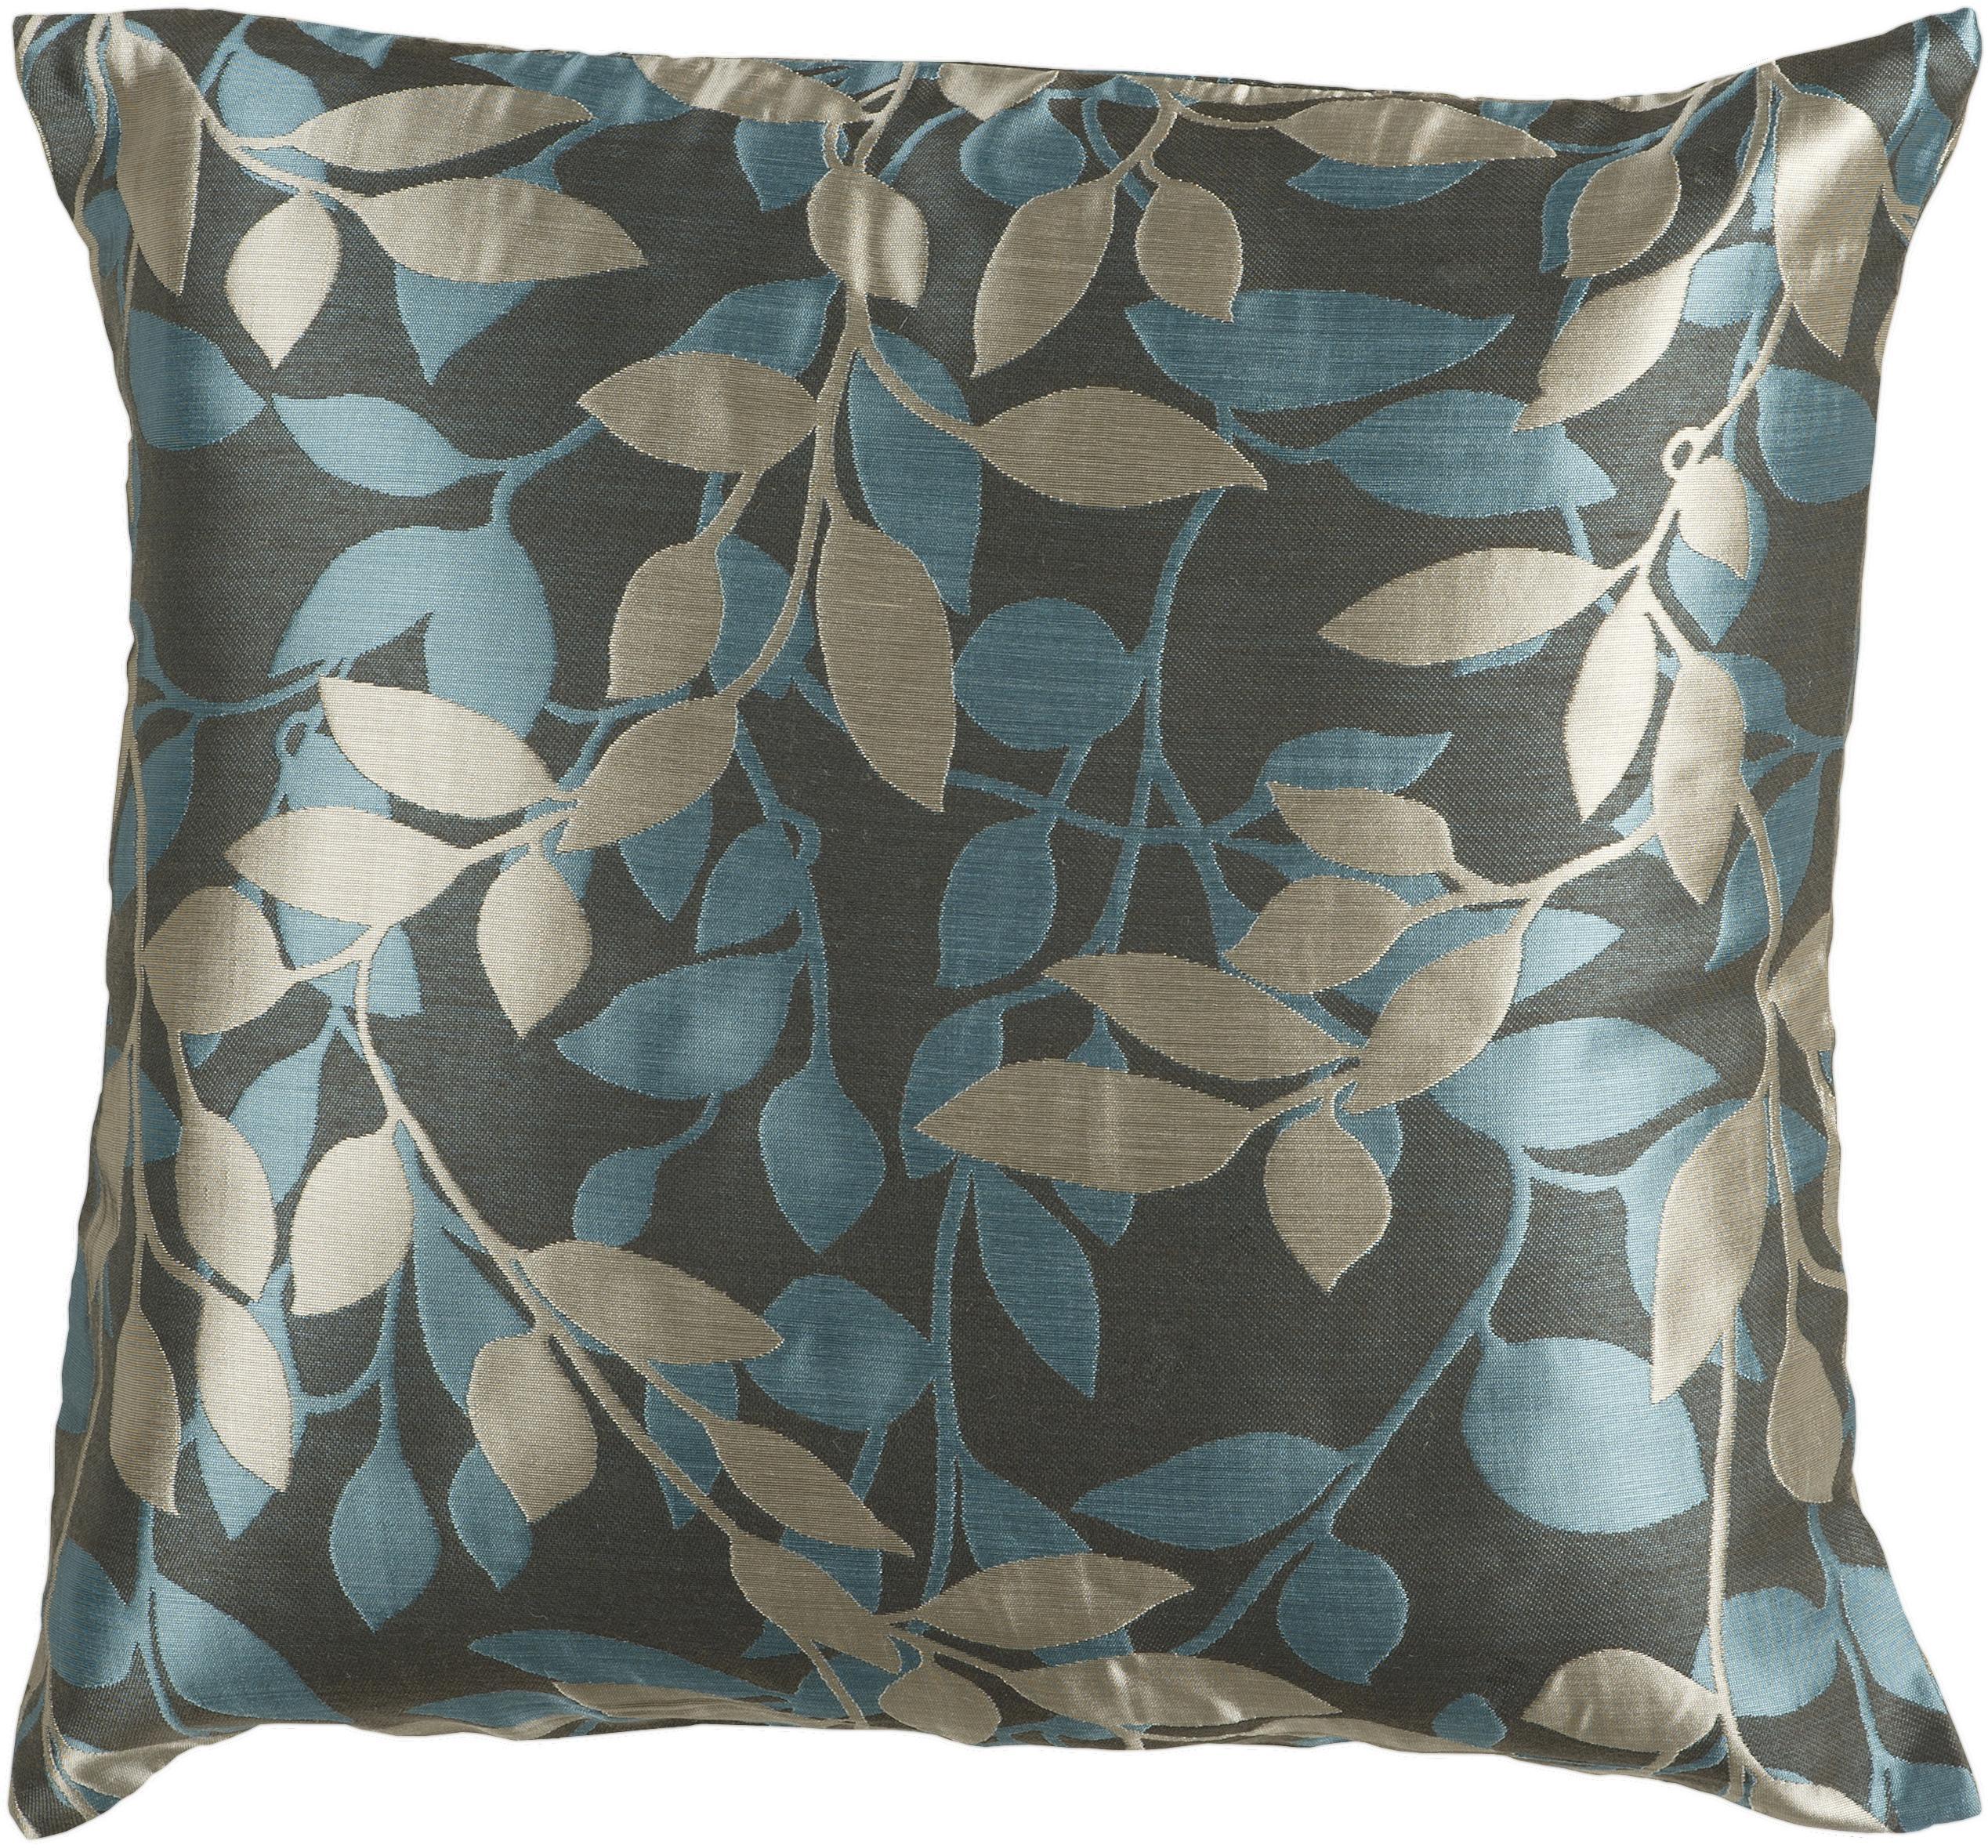 """Surya Rugs Pillows 18"""" x 18"""" Pillow - Item Number: HH059-1818P"""